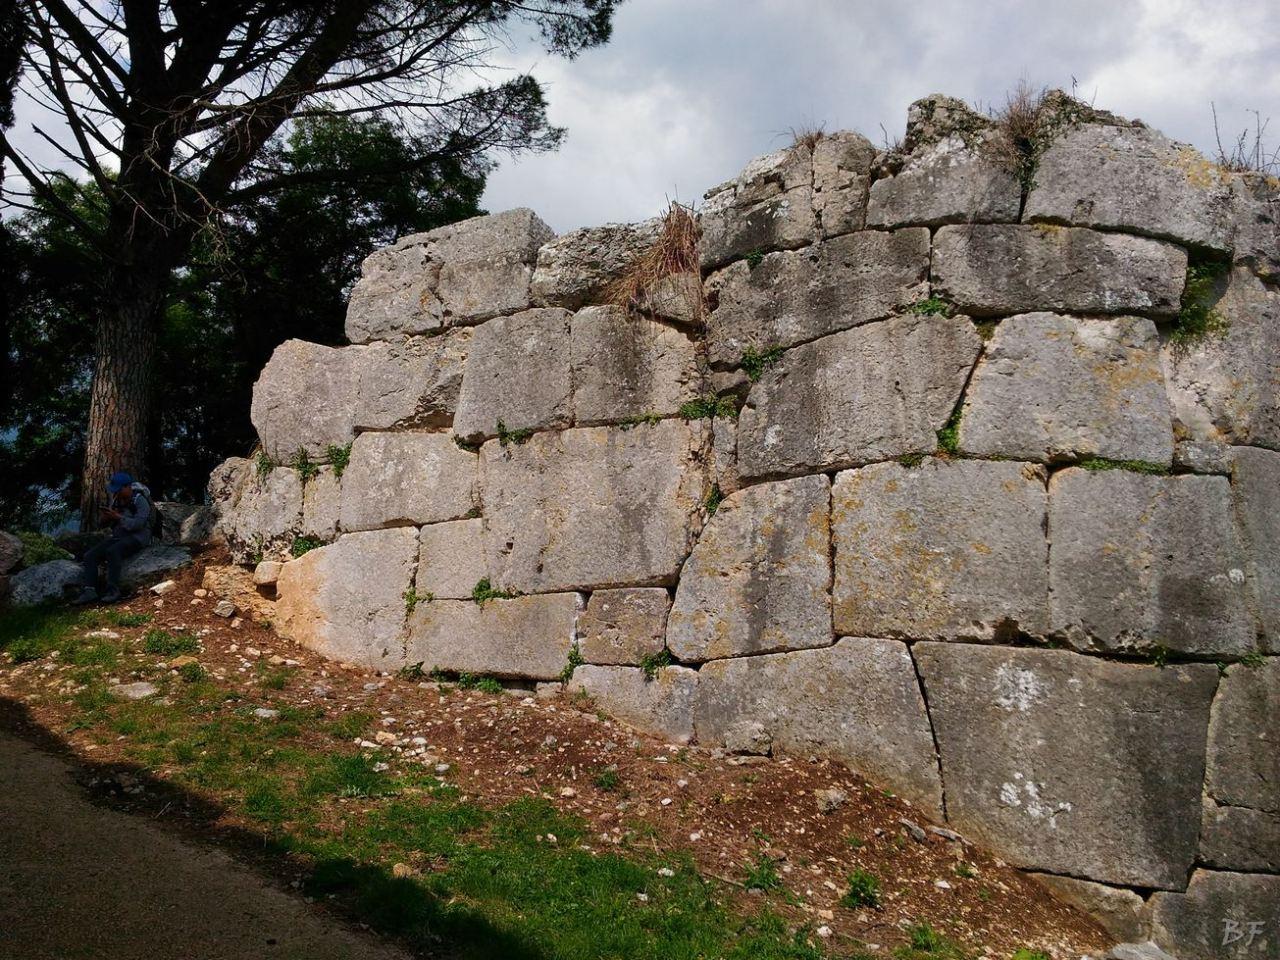 Norba-Mura-Megalitiche-Poligonali-Latina-Lazio-Italia-10